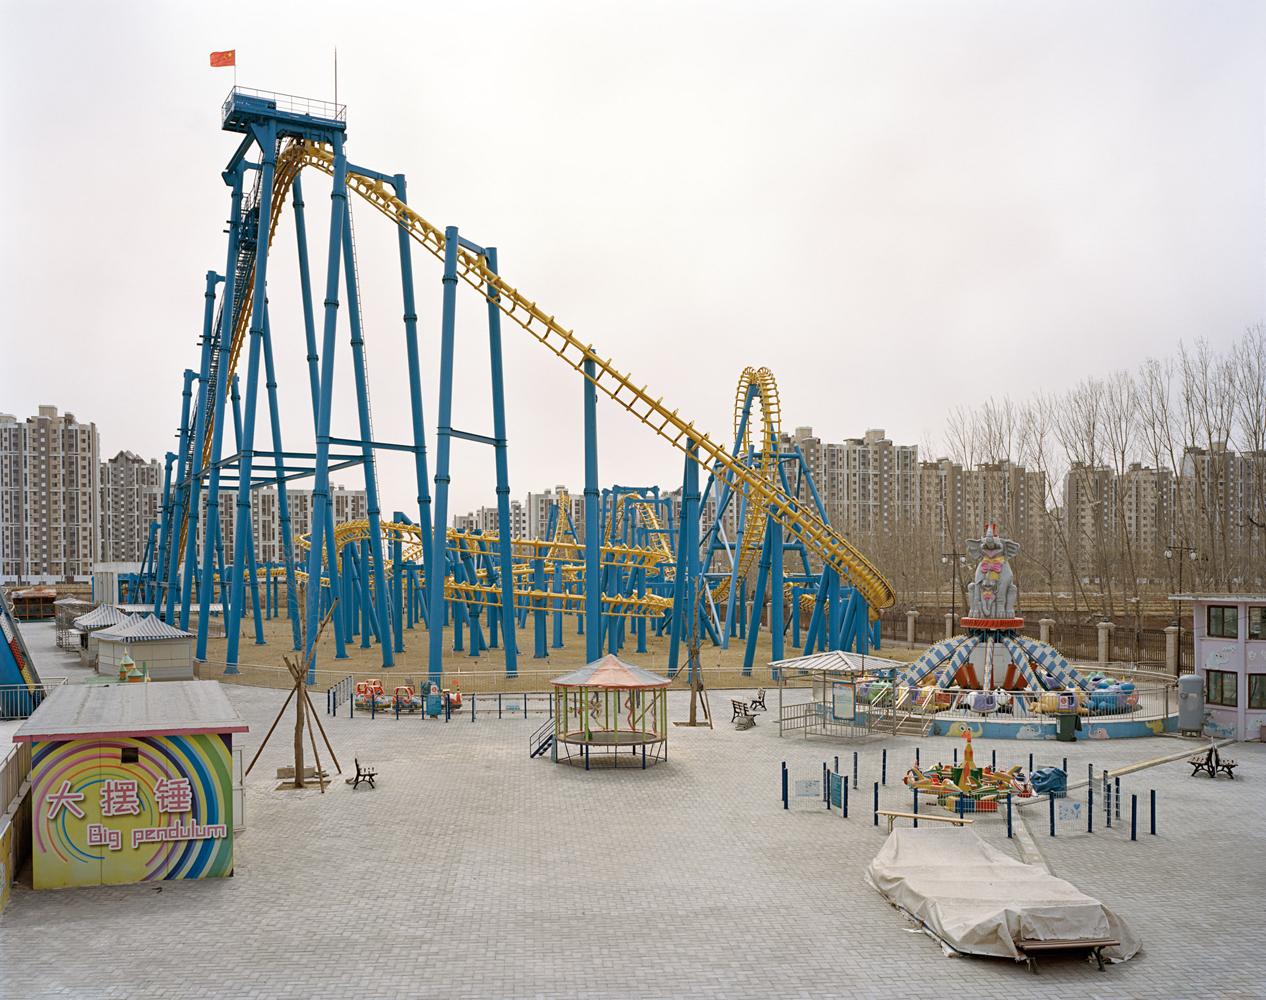 Xiedao Holiday Village ,   Beijing 2014 Archival Print su carta cotone cm 110 x 140 (60x80) ed 5